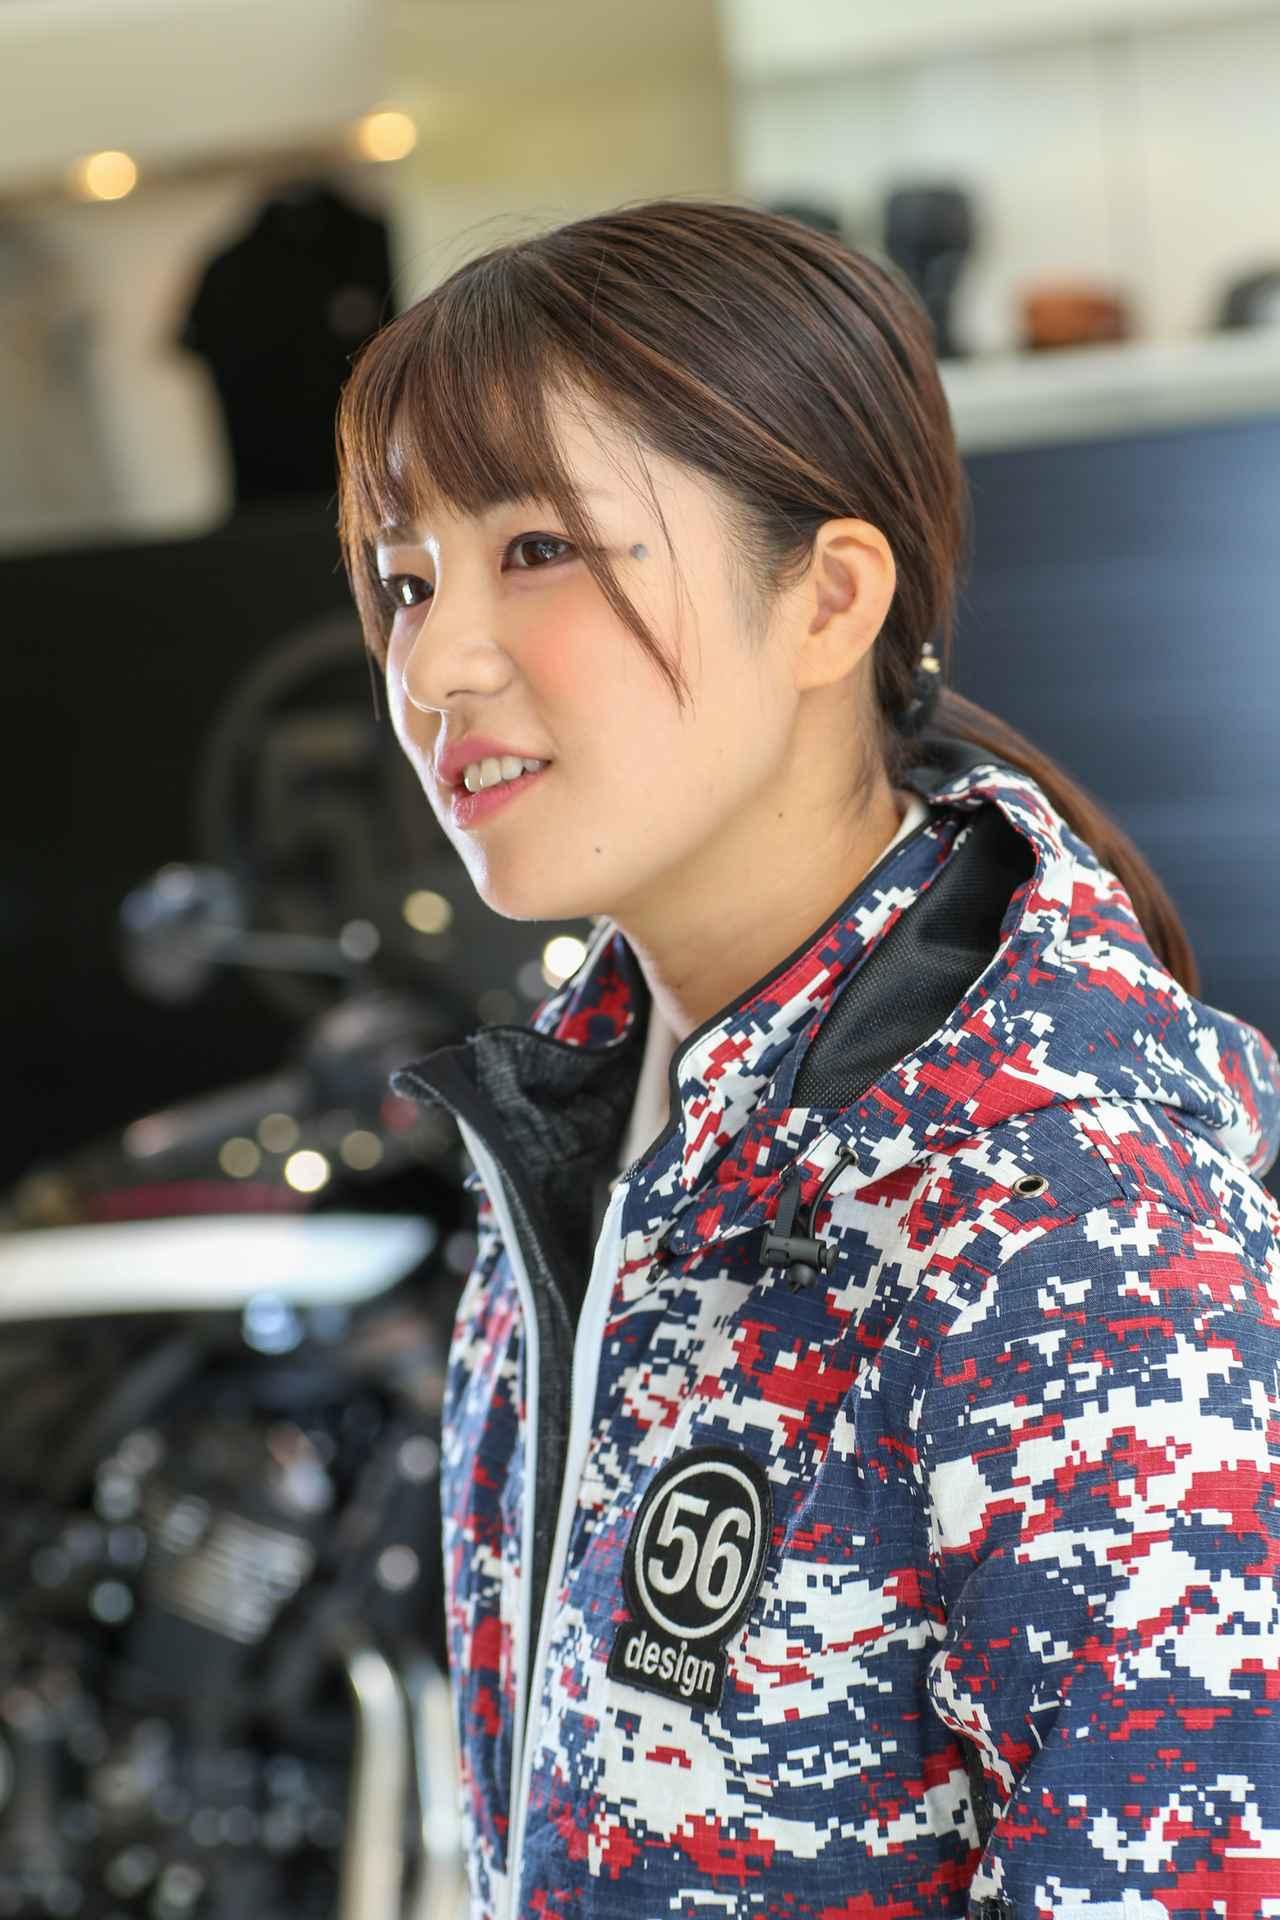 Images : 4番目の画像 - 「「56design☆2020年シーズン向け展示会」を、たっぷり楽しんできました!(梅本まどか)」のアルバム - webオートバイ